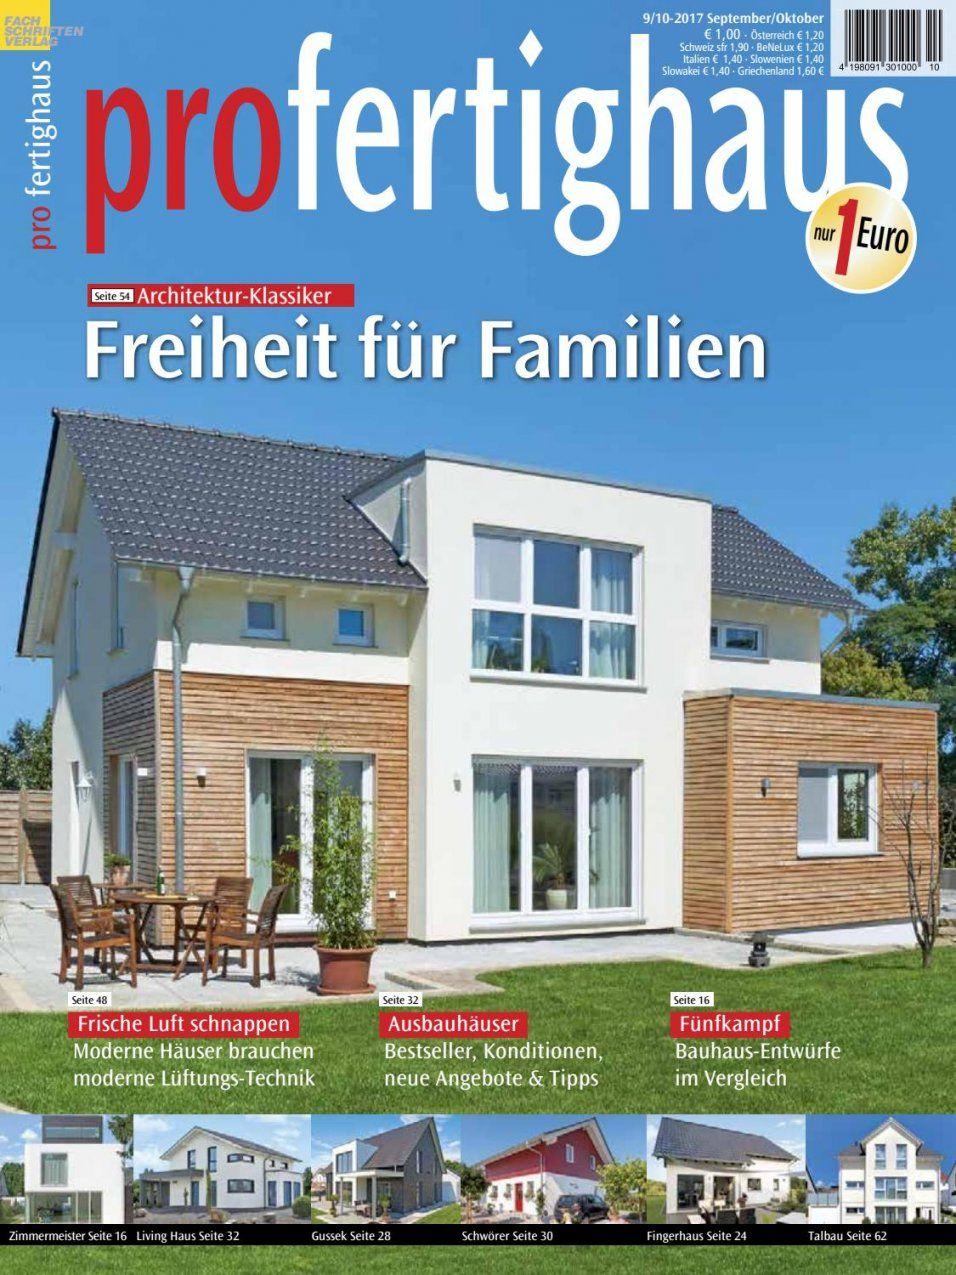 Pro Fertighaus 9102017Fachschriften Verlag  Issuu von Rensch Haus Ausbaustufe Fast Fertig Bild